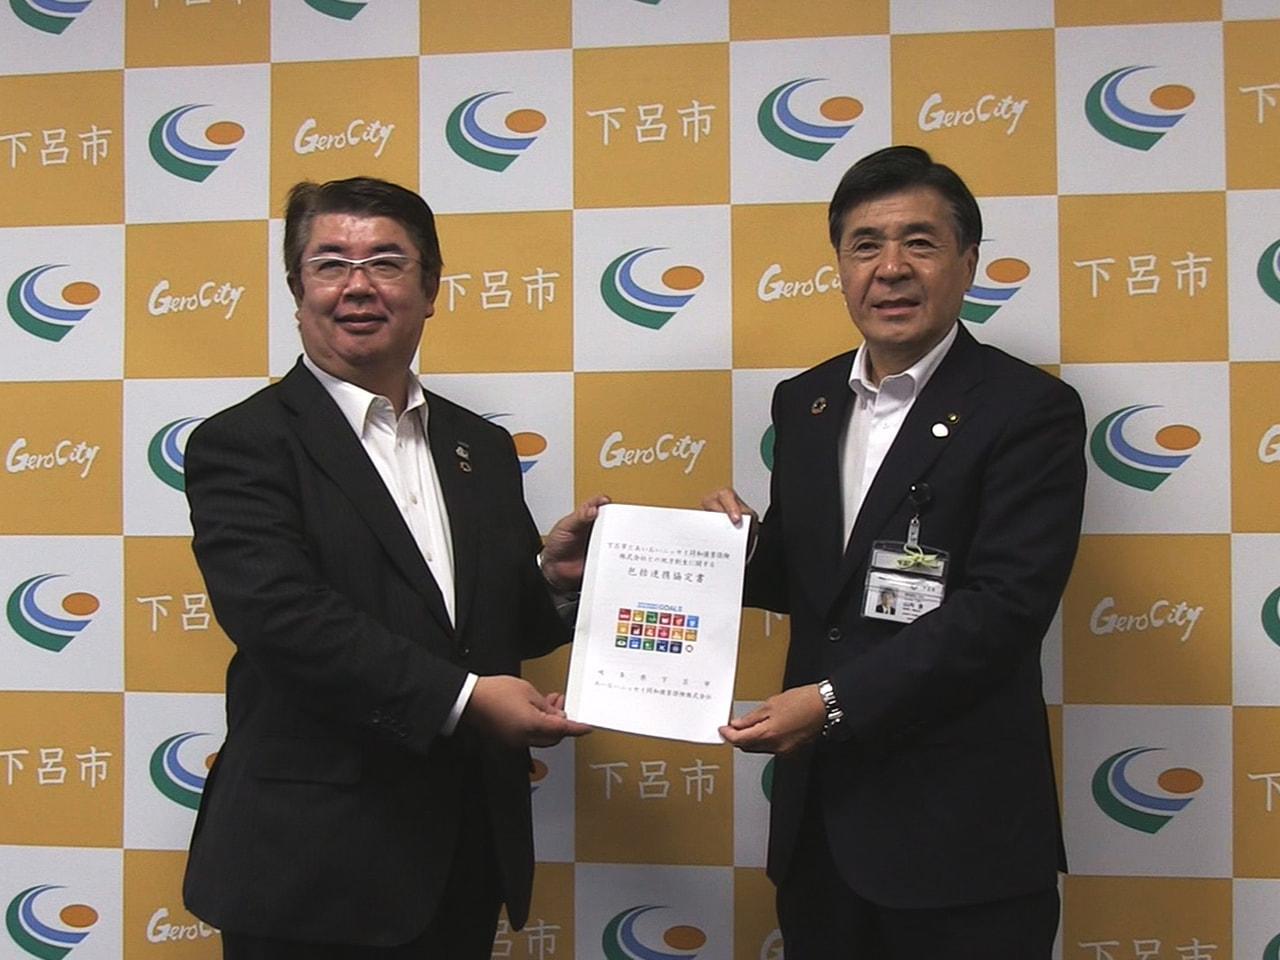 岐阜県下呂市と損害保険大手のあいおいニッセイ同和損害保険は、飛騨地域で初めてとな...